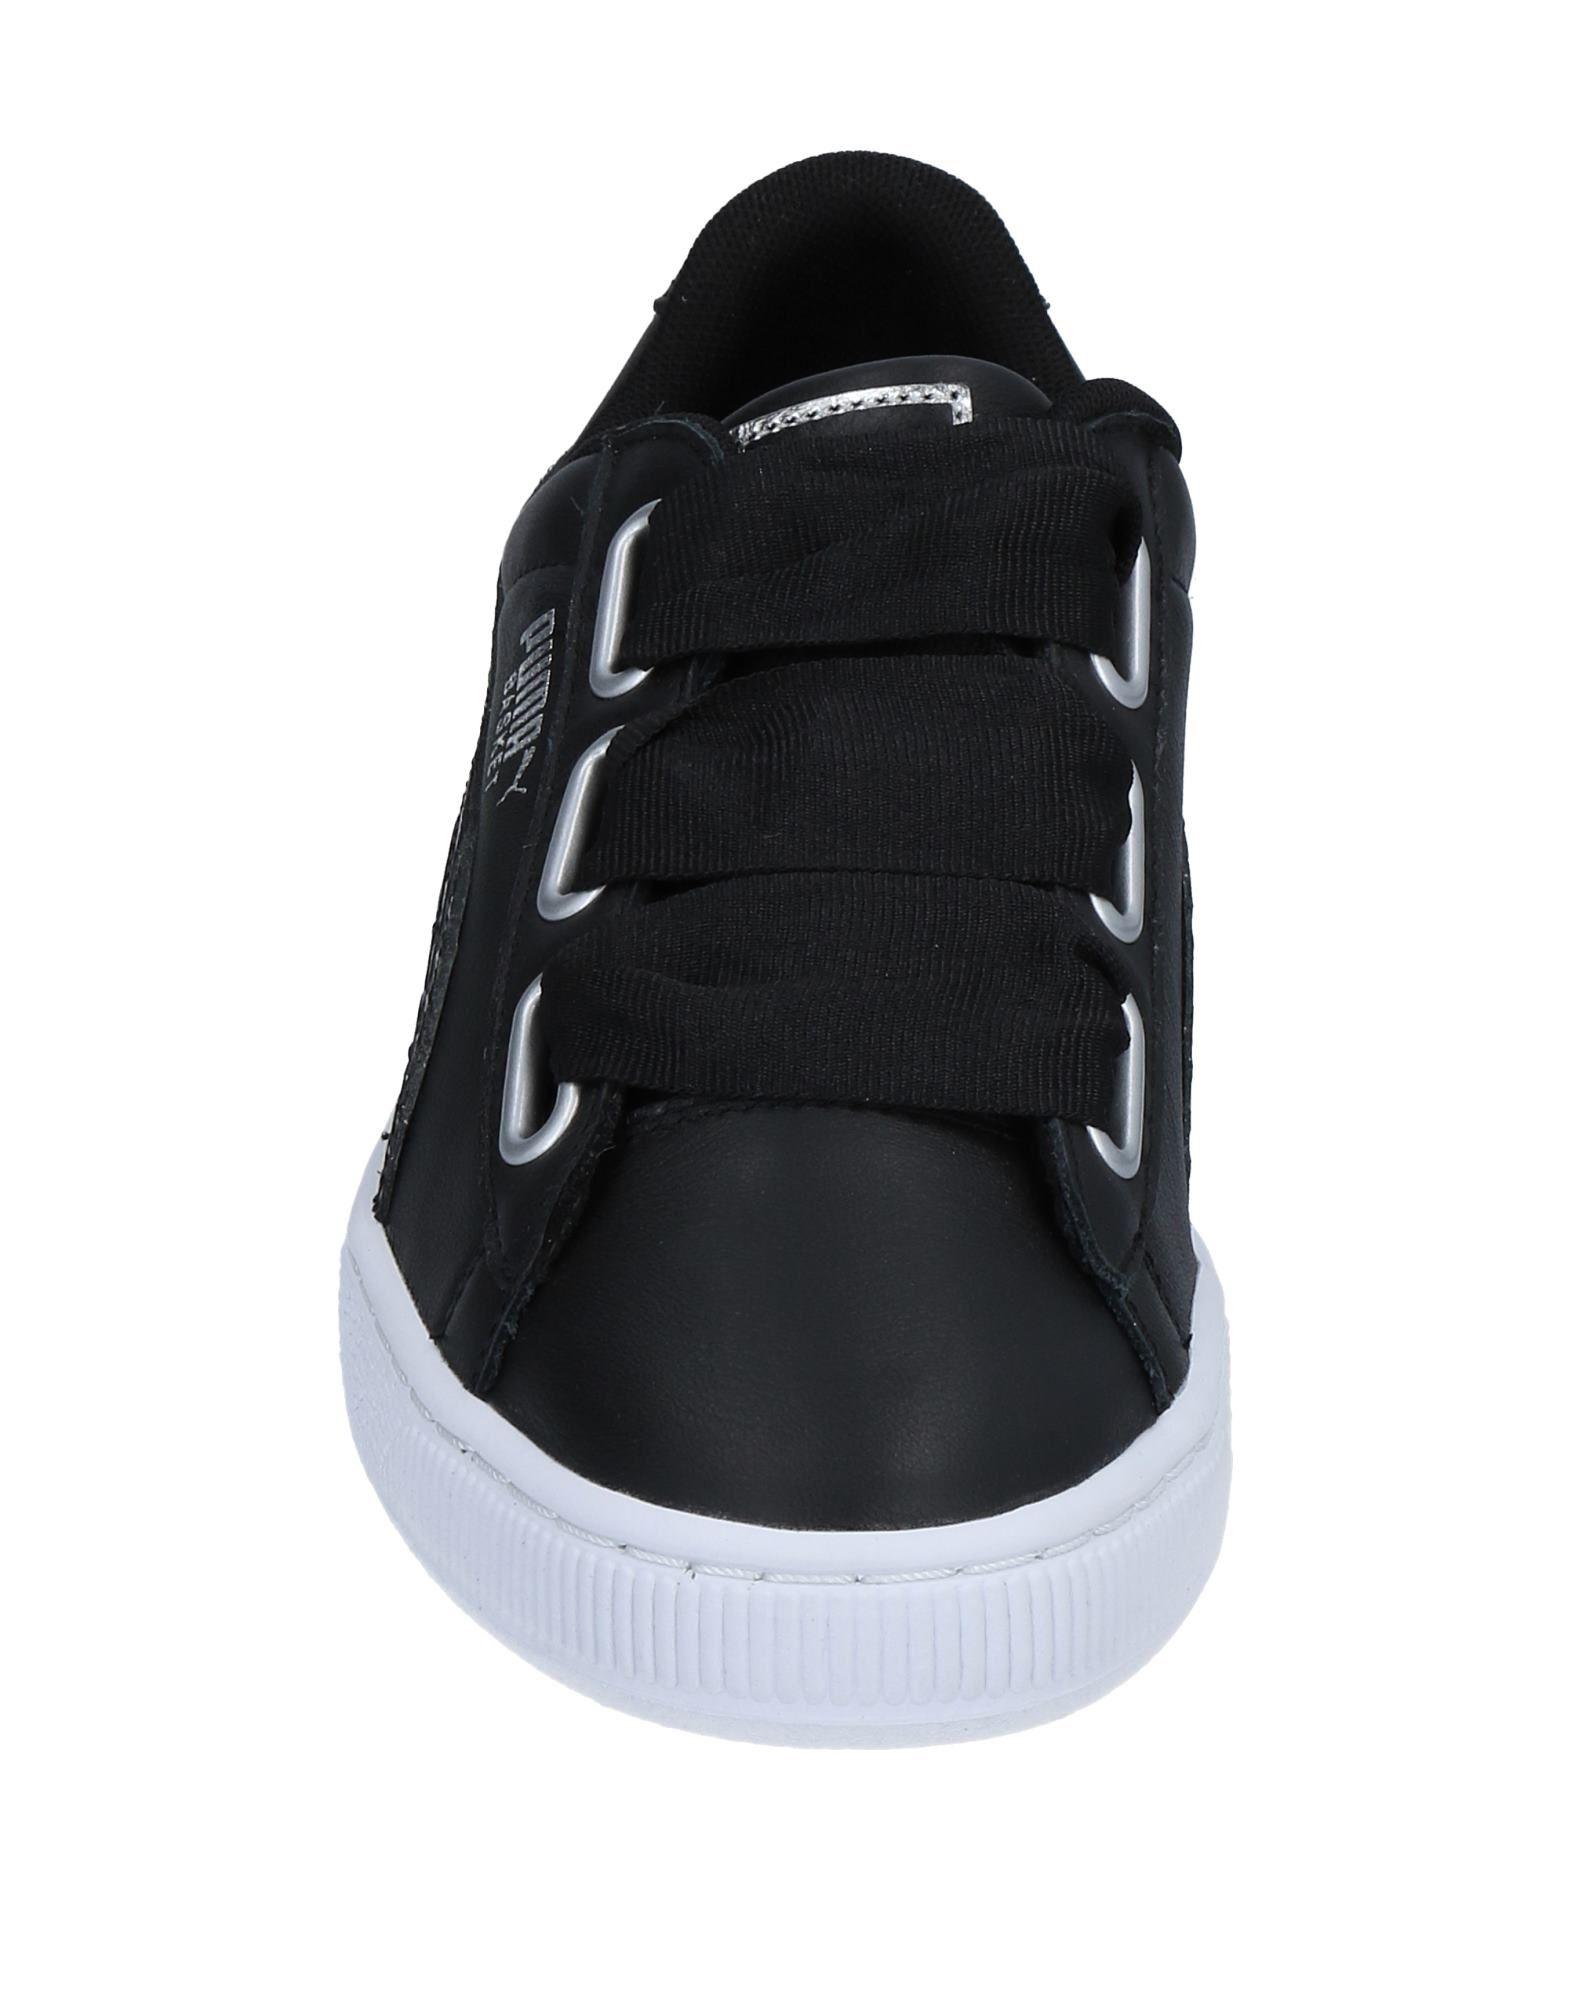 Puma Sneakers Damen  beliebte 11537605XS Gute Qualität beliebte  Schuhe aefcd6